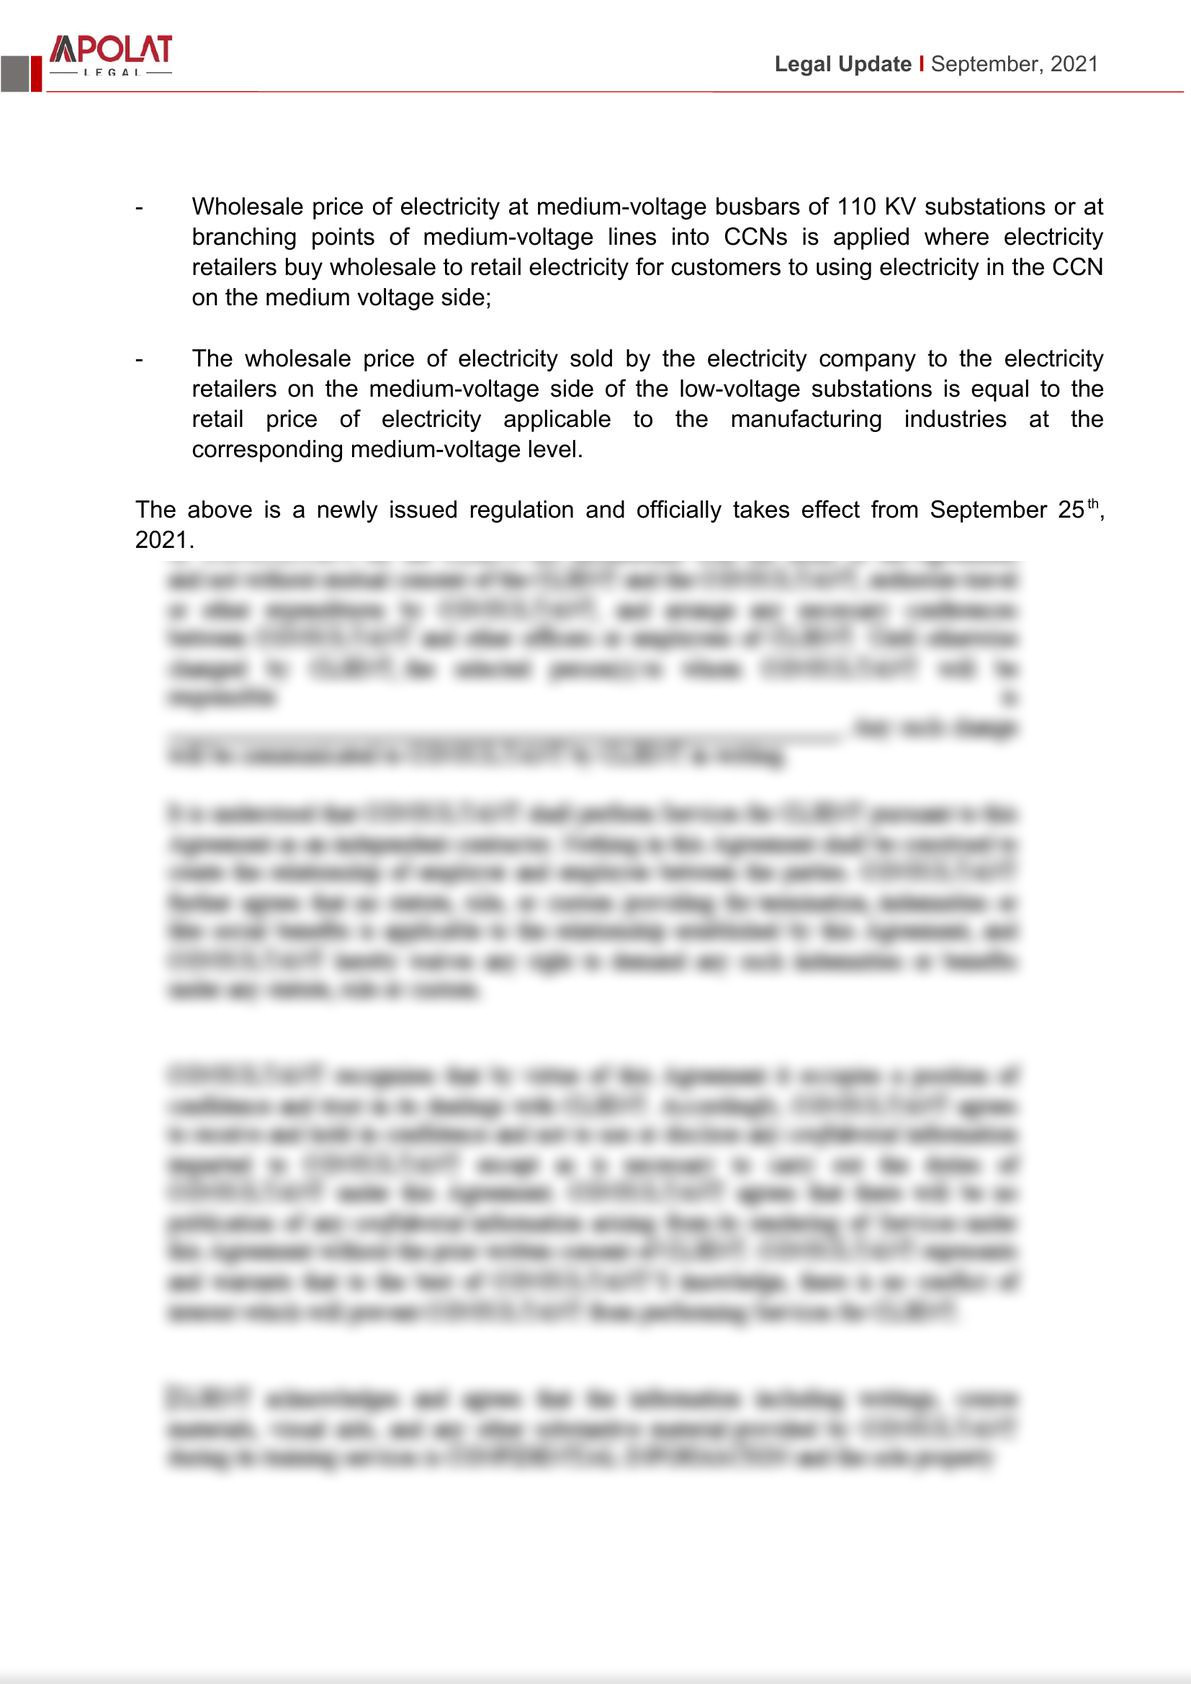 #4 Legal Update in September 2021-1